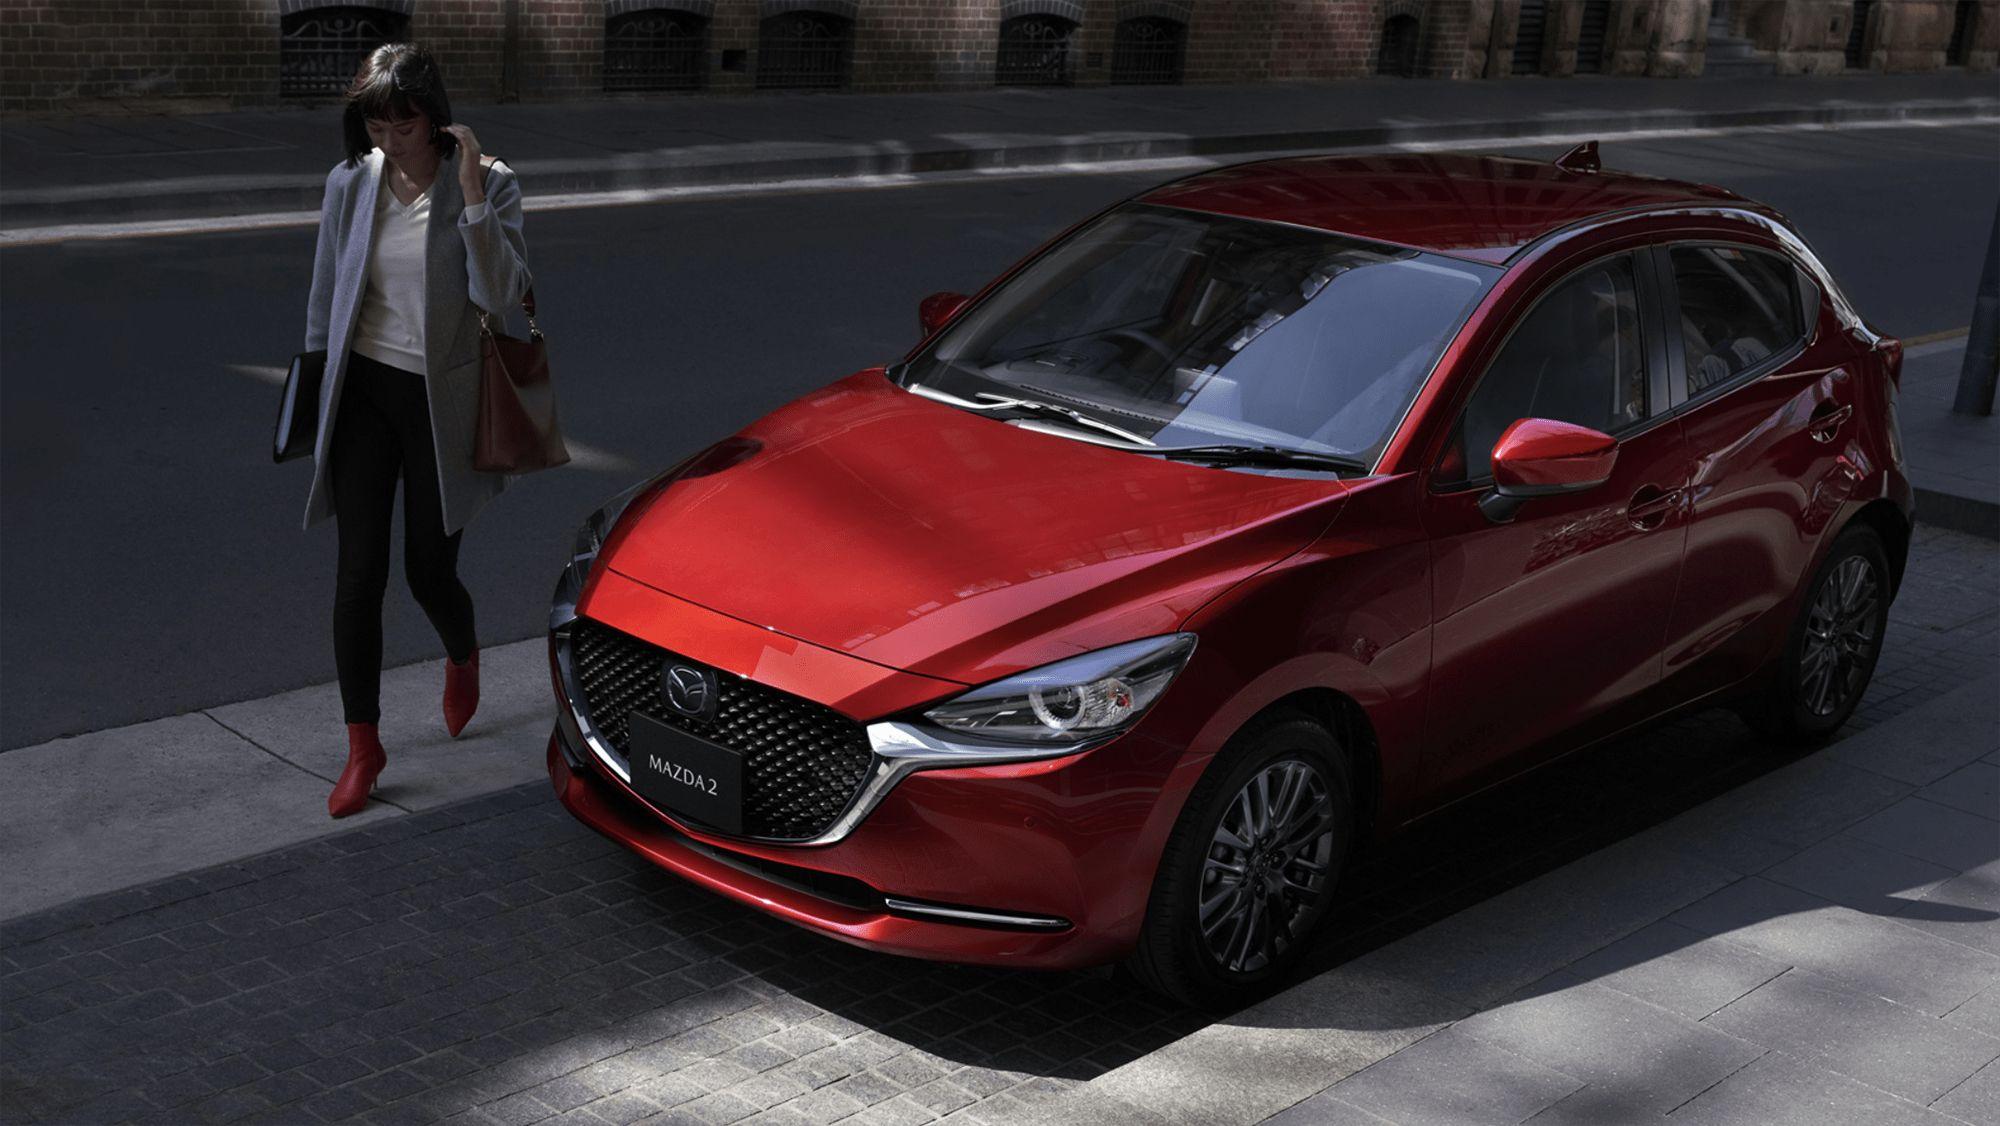 All New Mazda 2 2021 Pictures In 2020 Mazda Hatchback Mazda 2 Mazda